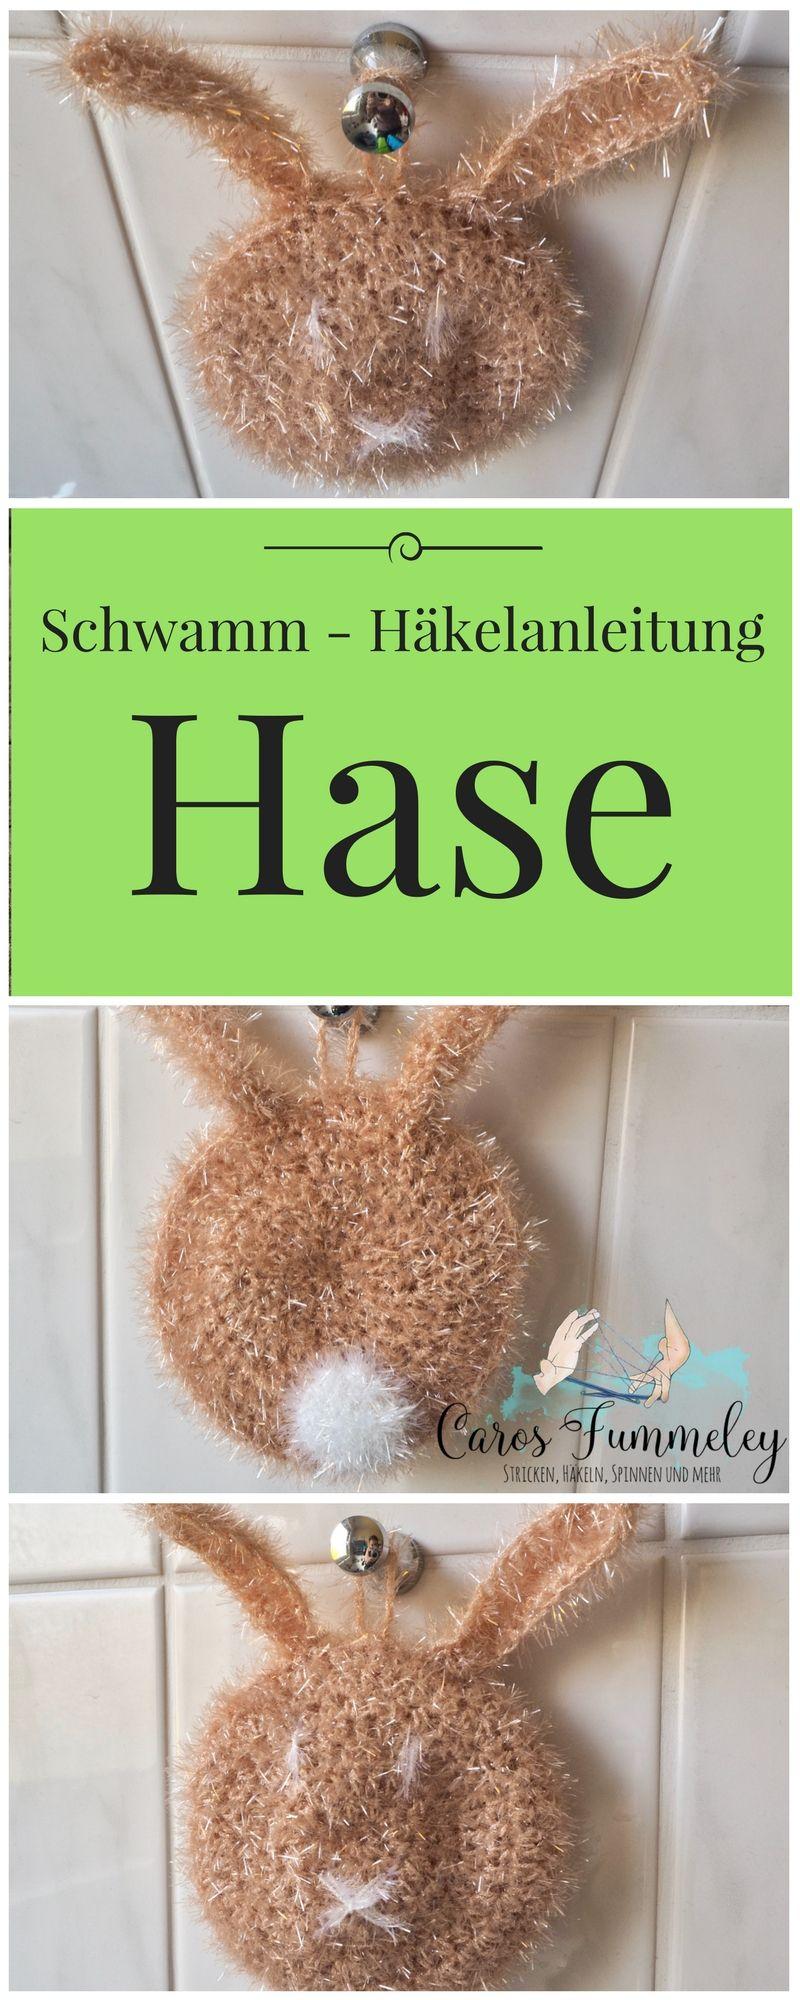 Häkelanleitung: Hasen - Schwamm | Pinterest | Spülschwamm, Osterhase ...